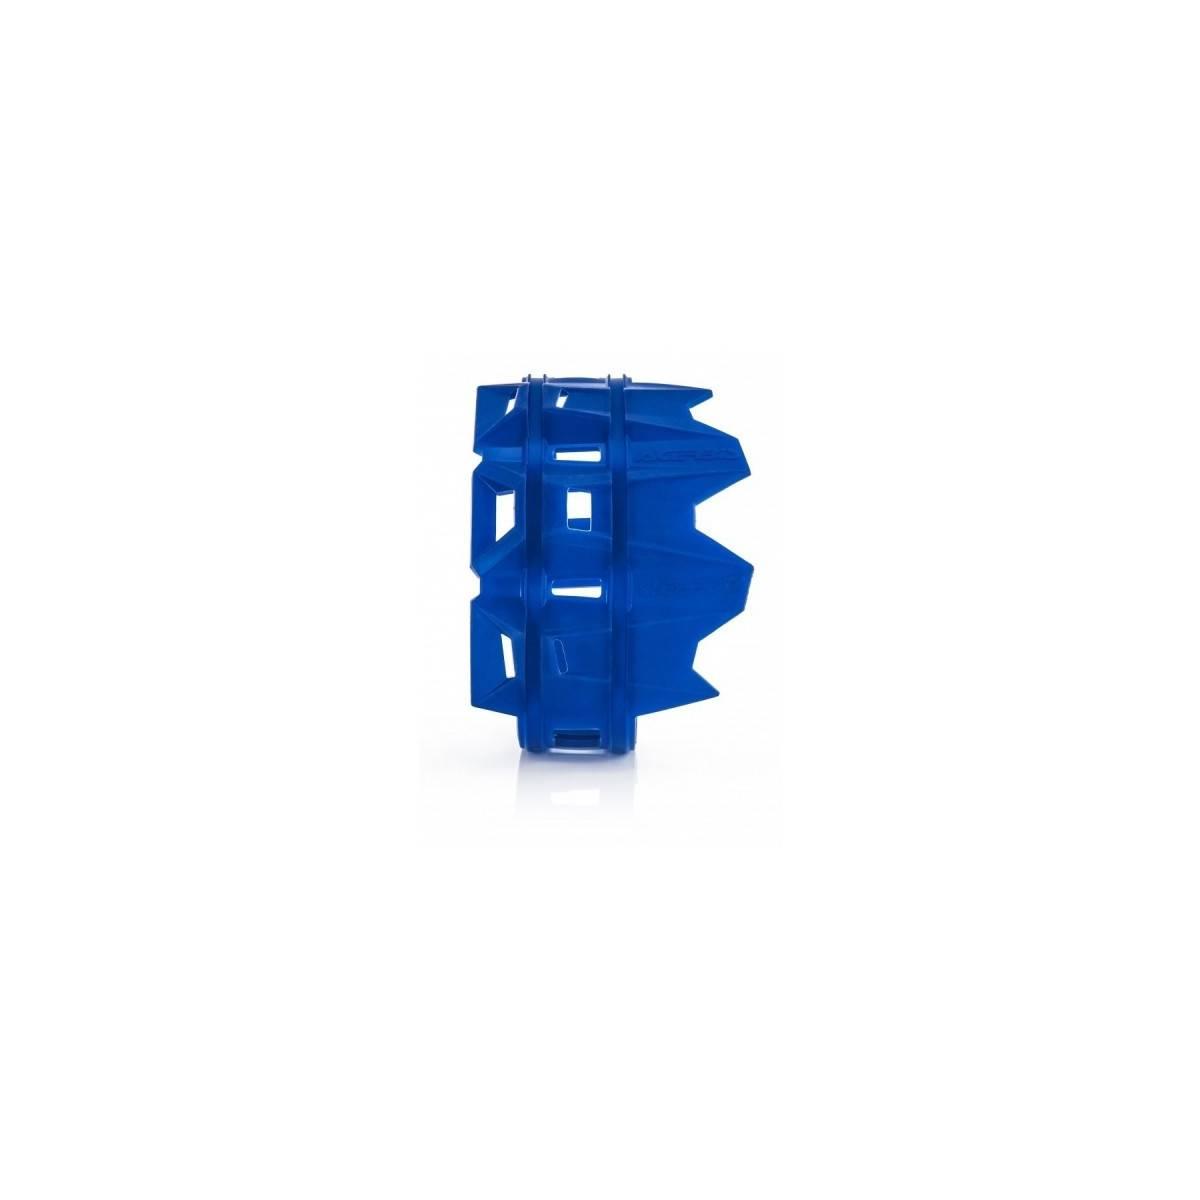 0022754-AZ - Protector Sileciador 4 Tiempos Acerbis Azul